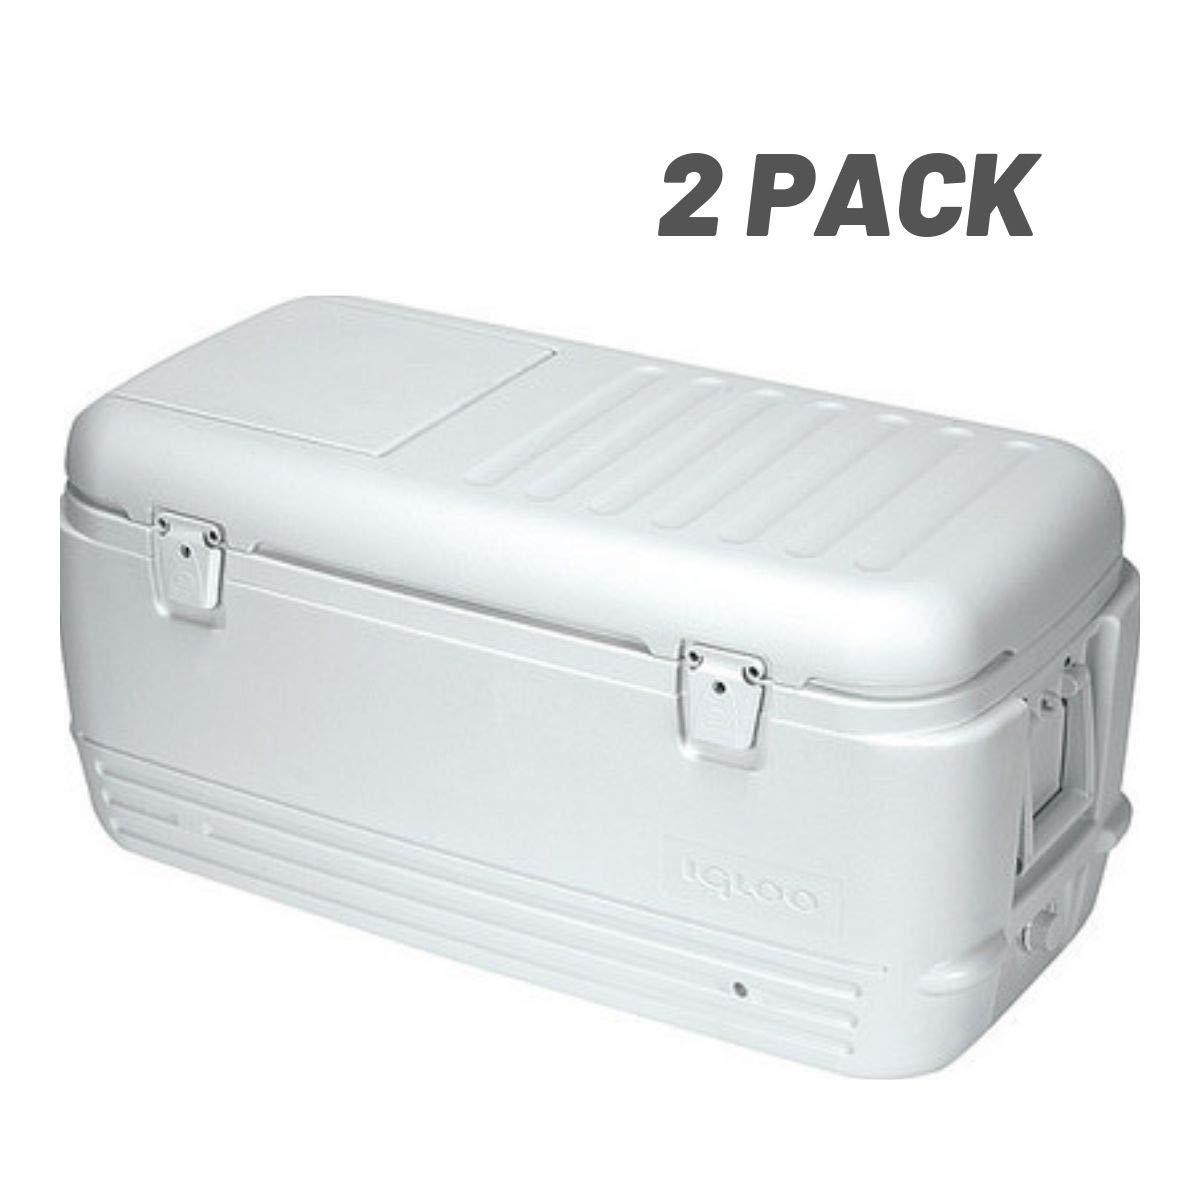 Igloo Quick and Cool 100 Qt. Cooler - 11442 (100-Quart - 2 Pack)